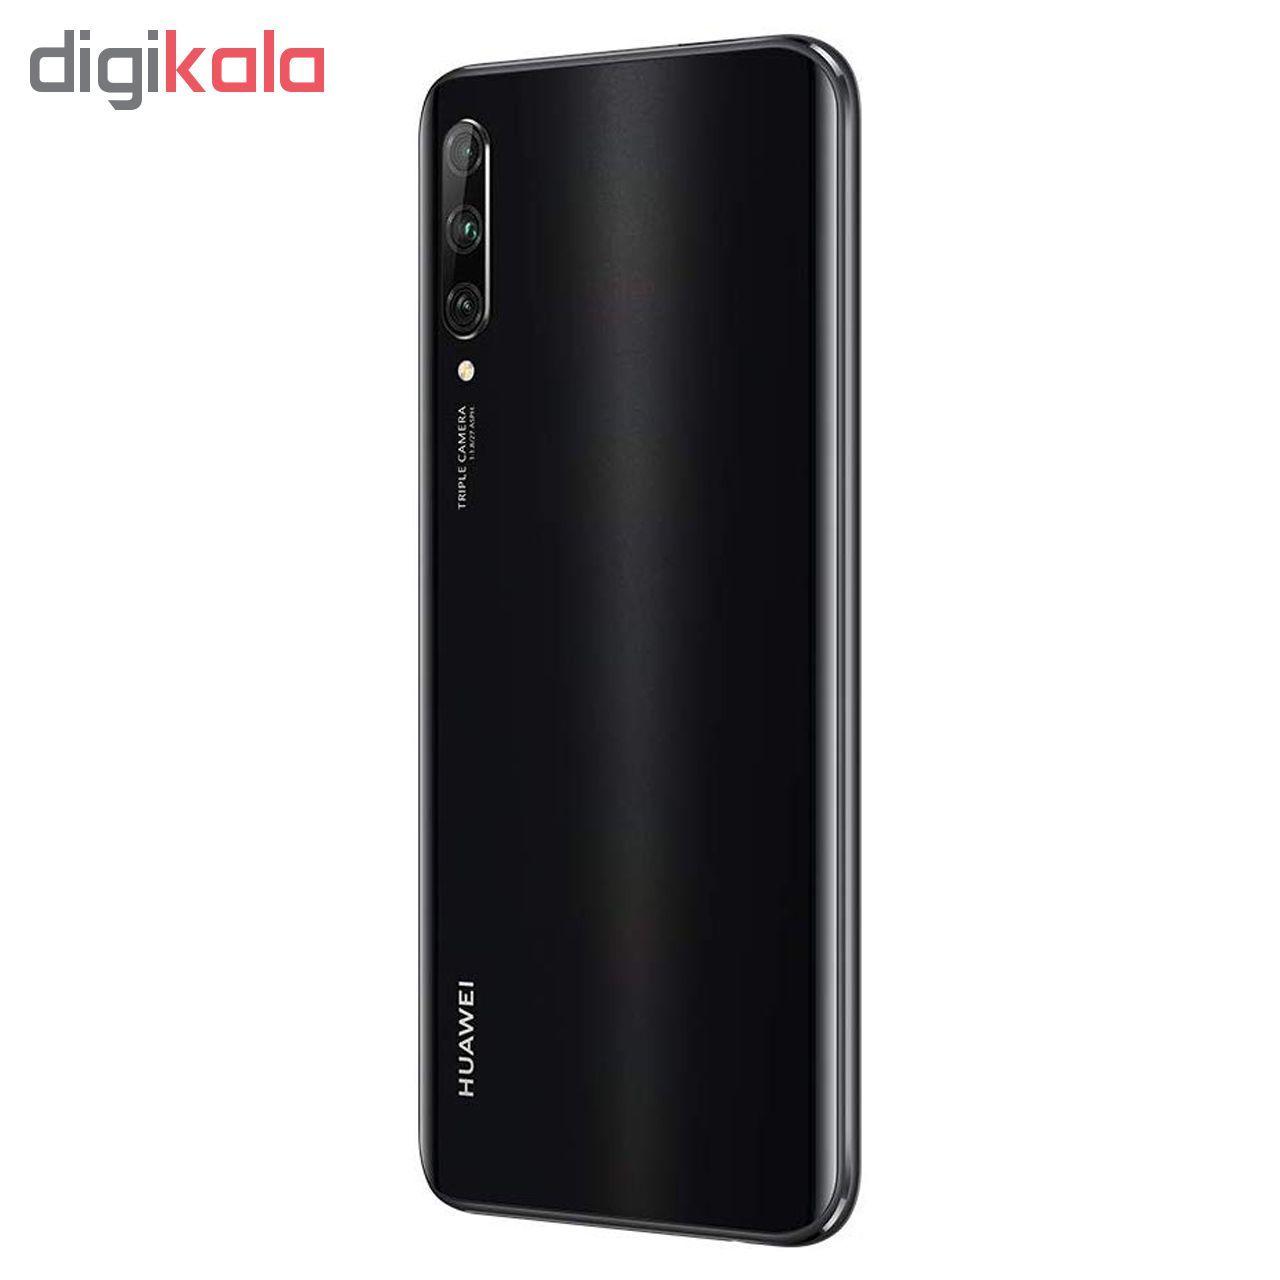 گوشی موبایل هوآوی مدل Y9s STK-L21 دو سیم کارت ظرفیت 128 گیگابایت main 1 17